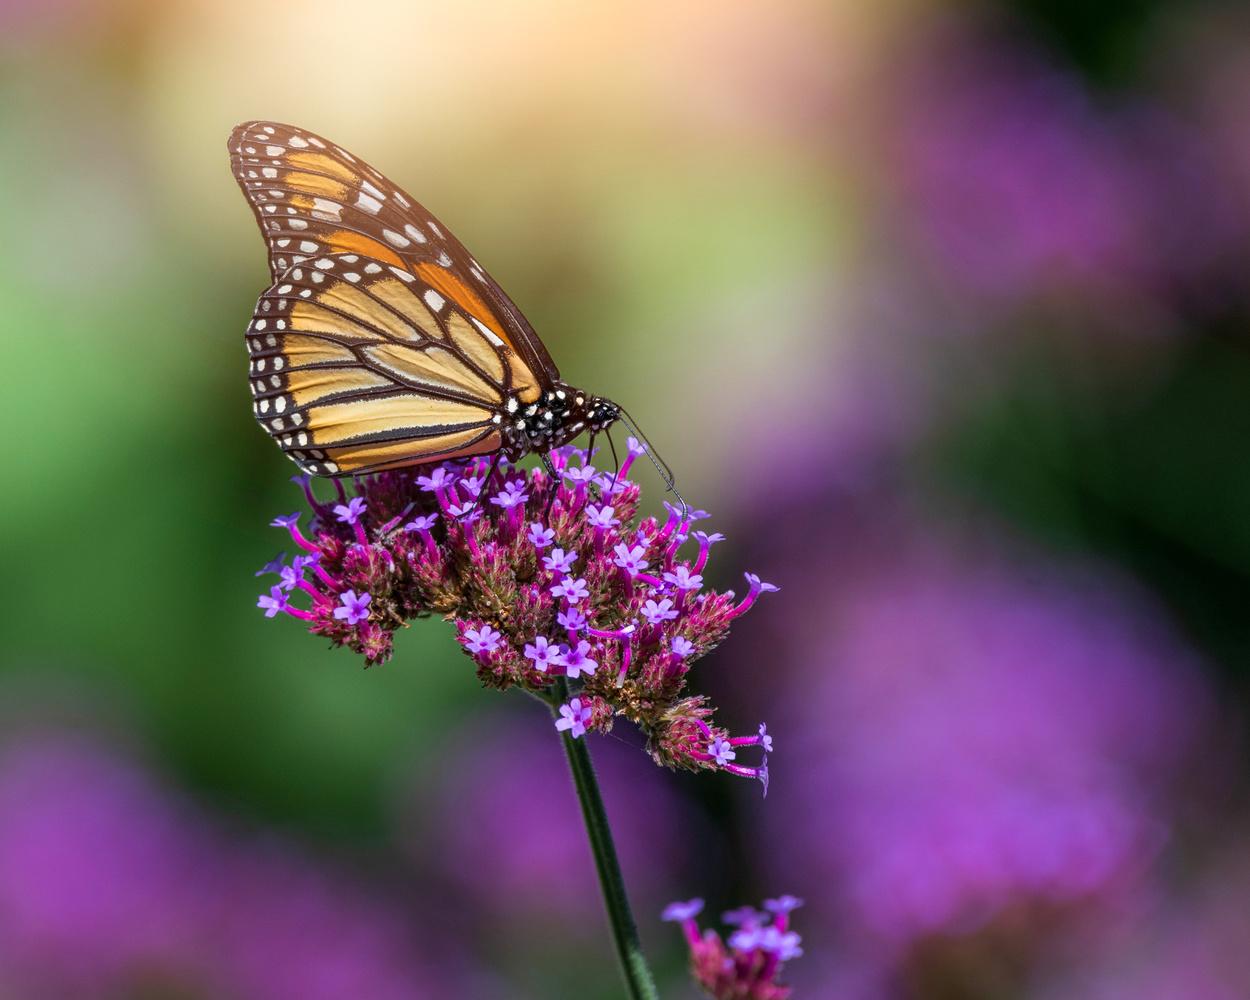 Butterfly by Skyler Ewing